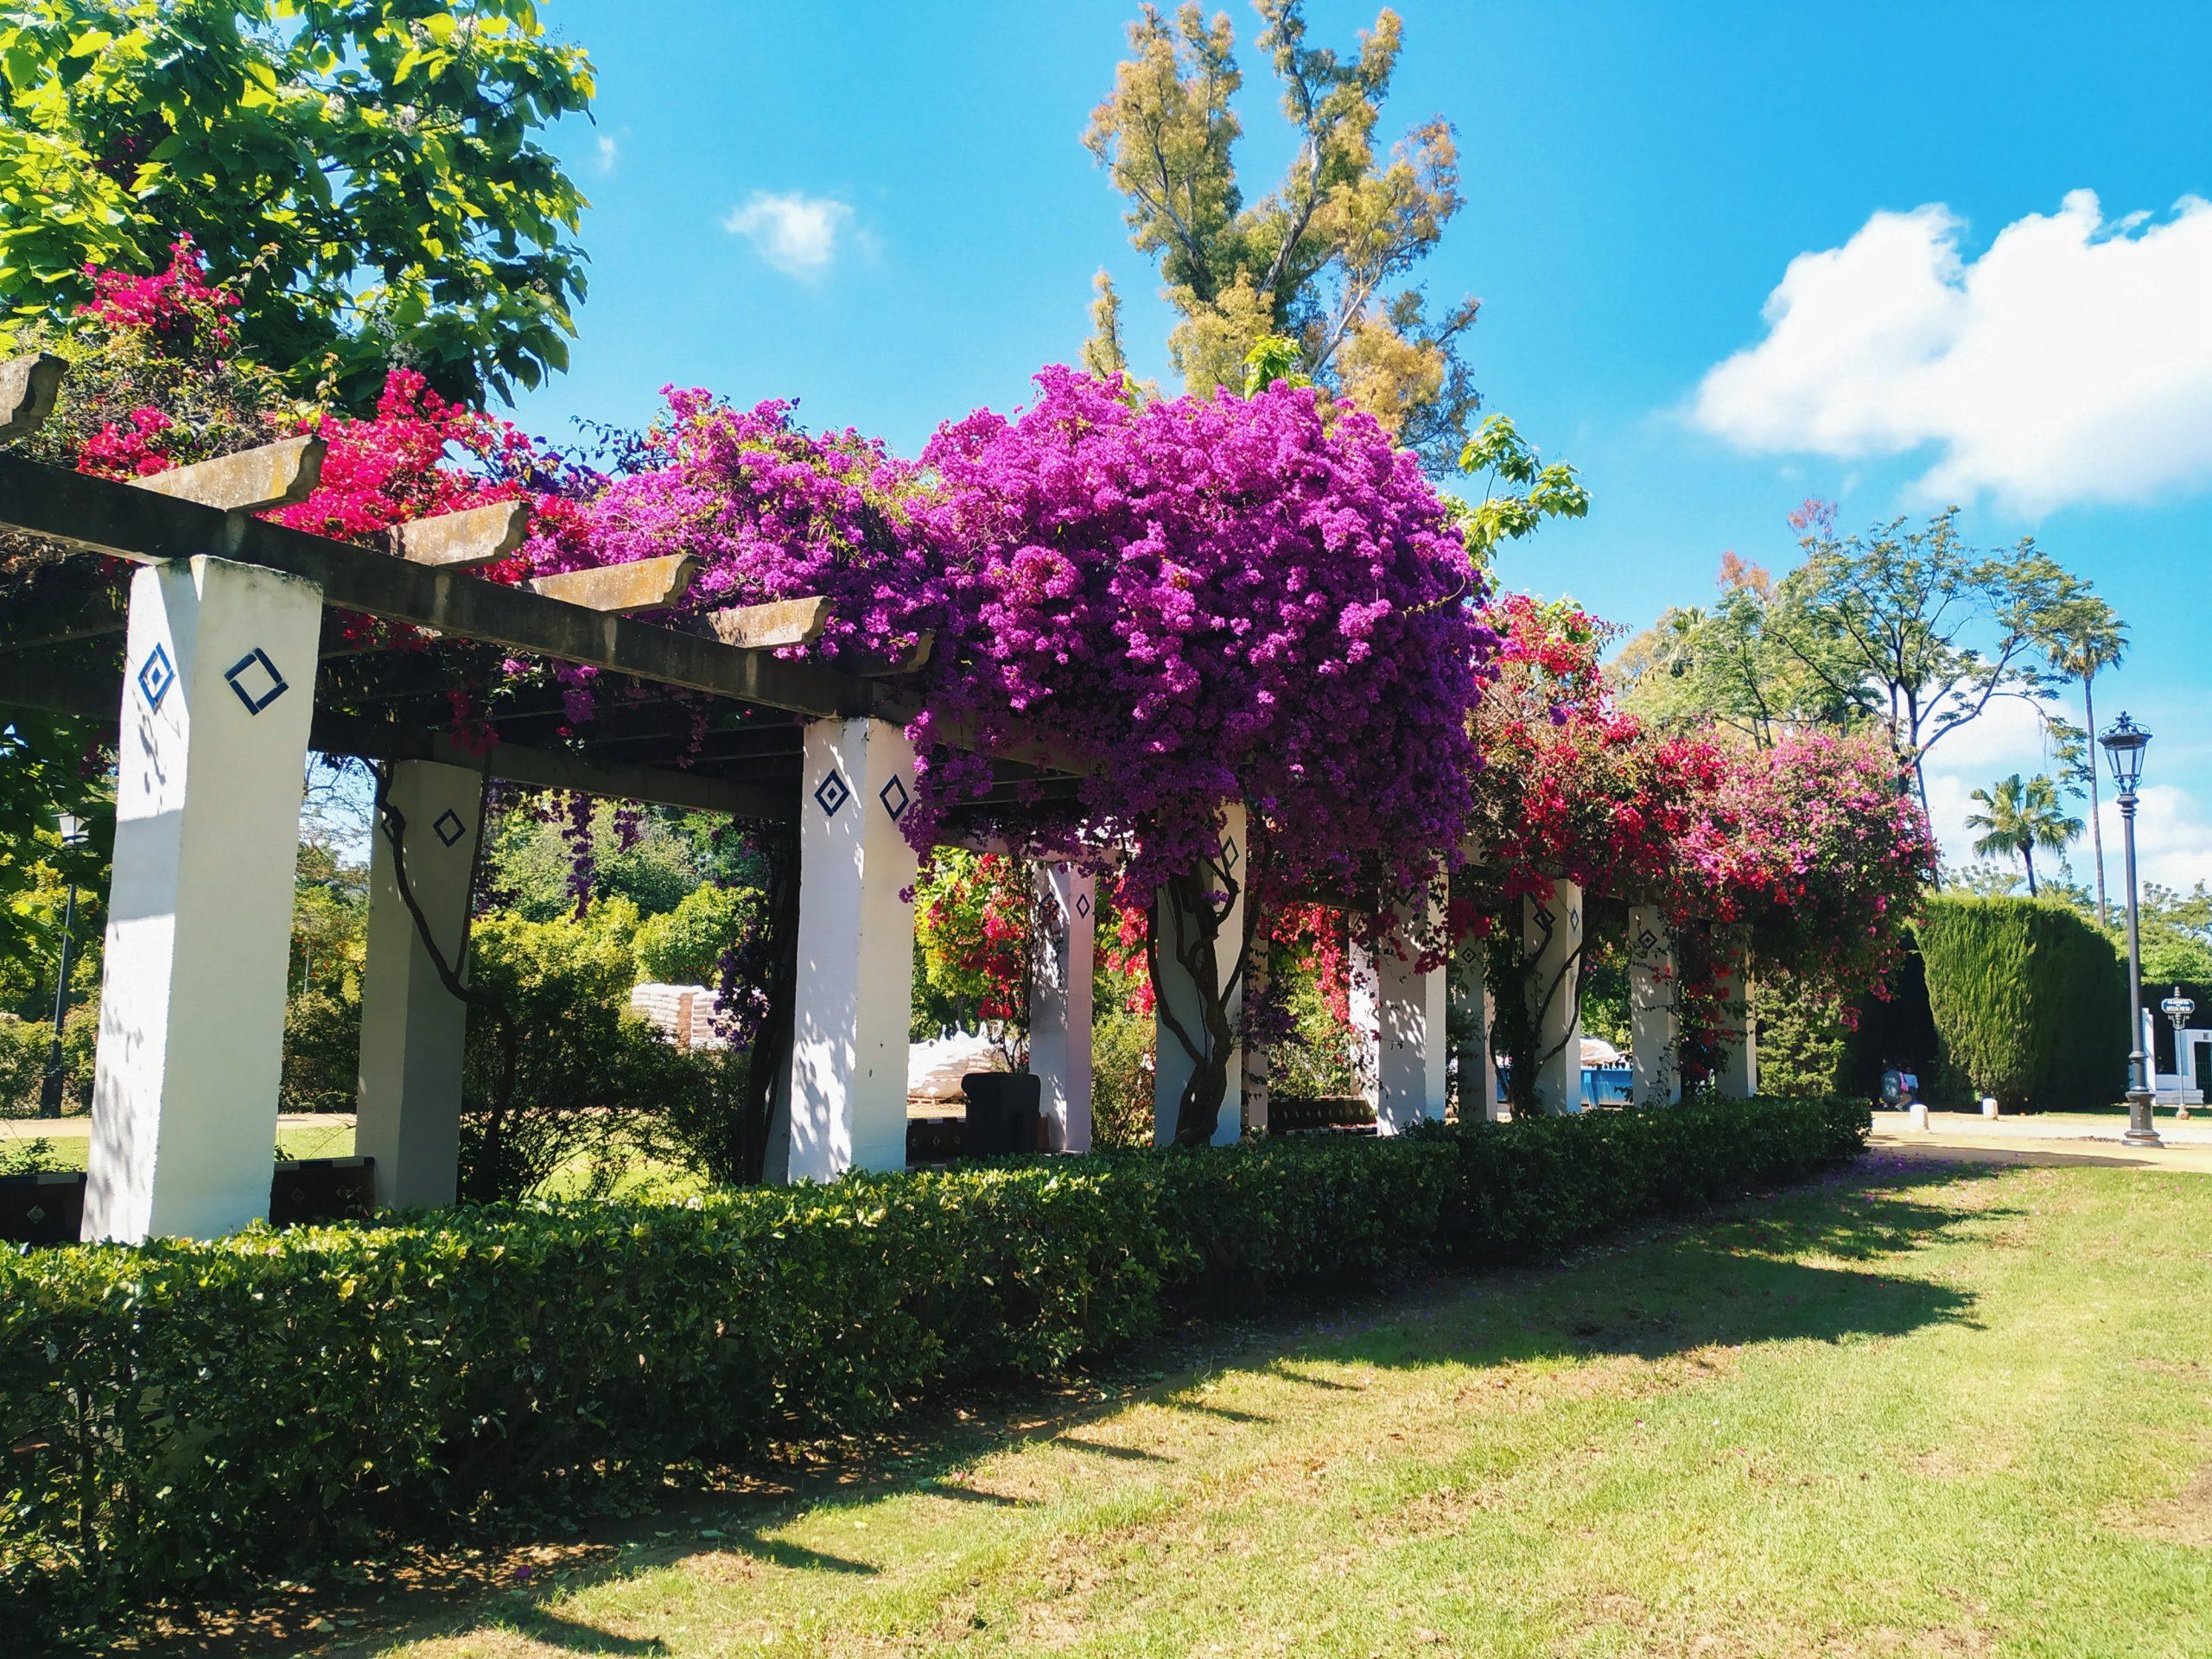 mejores parques de Sevilla